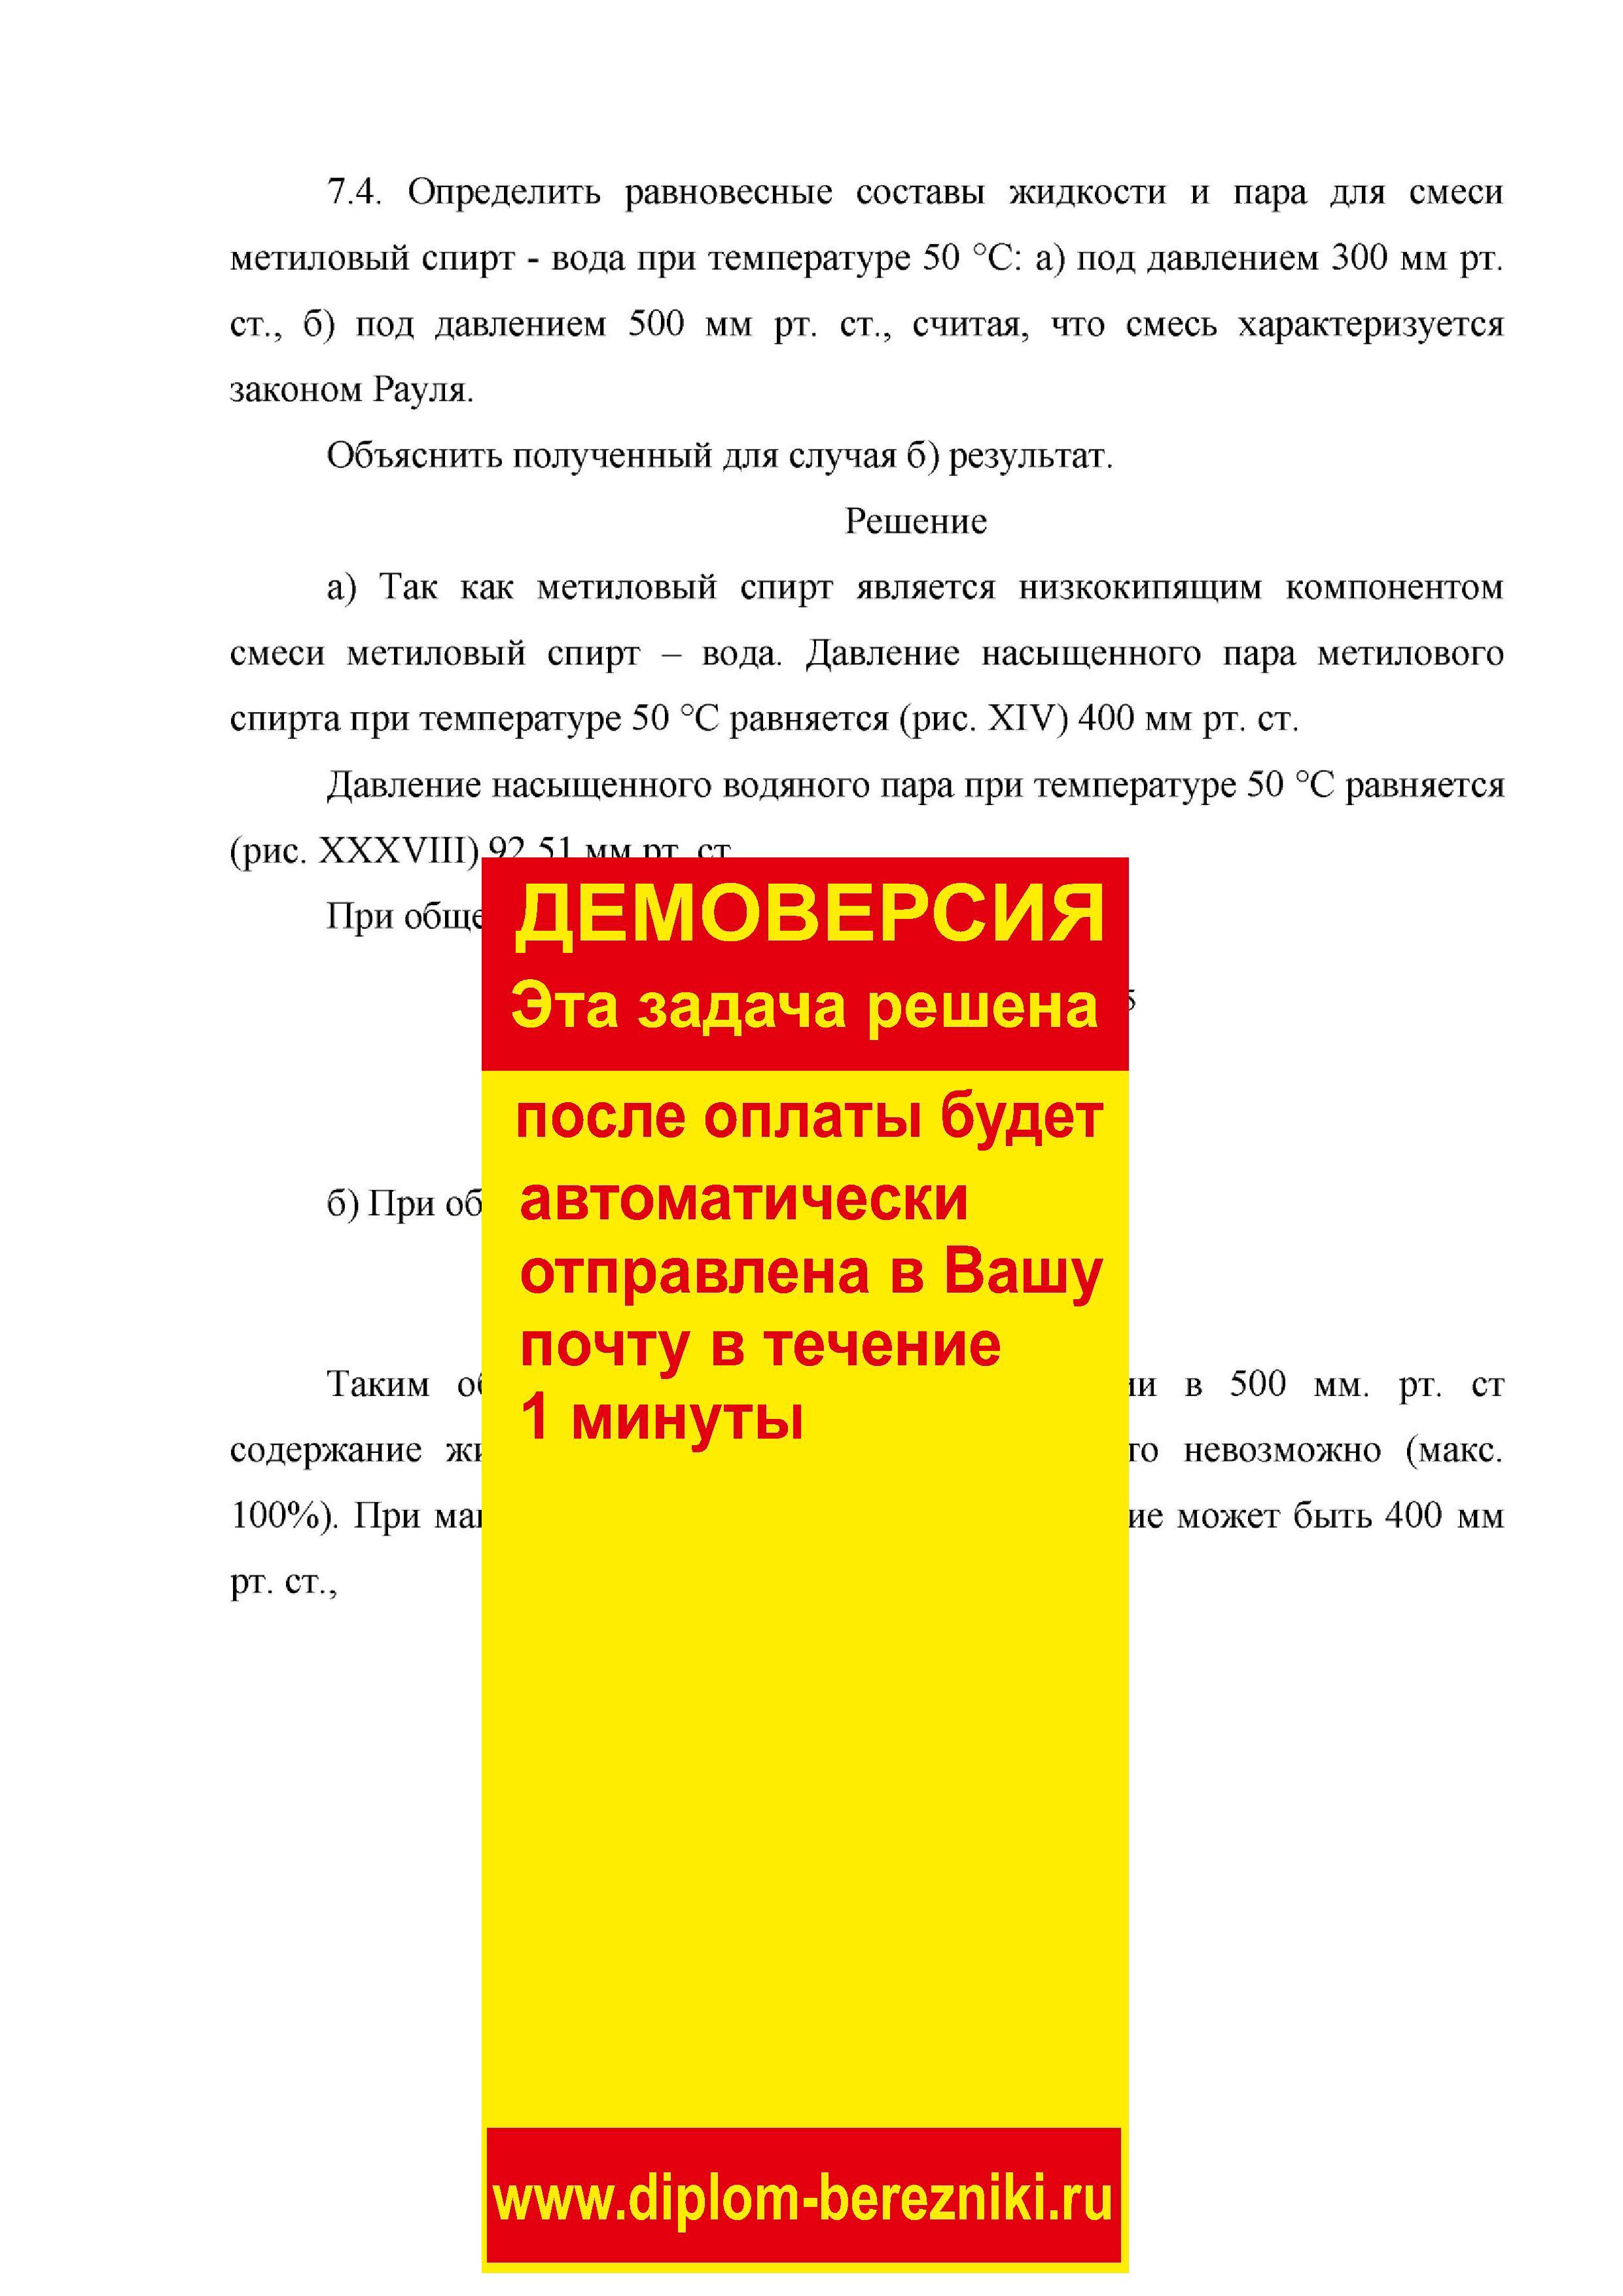 Решение задачи 7.4 по ПАХТ из задачника Павлова Романкова Носкова